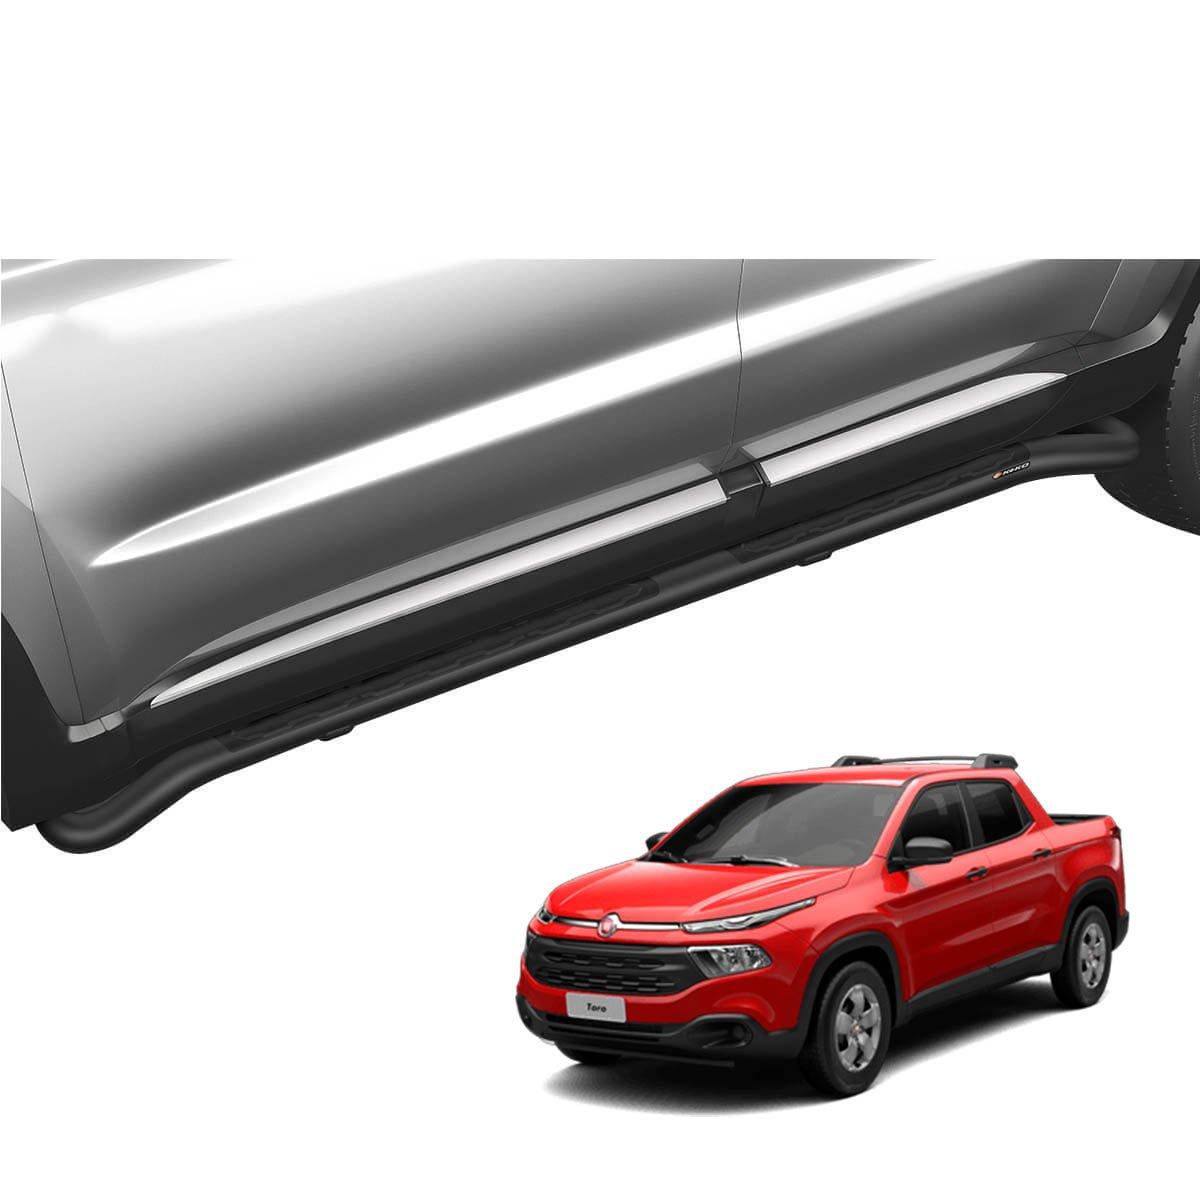 Estribo tubular Keko preto Fiat Toro 2017 a 2021